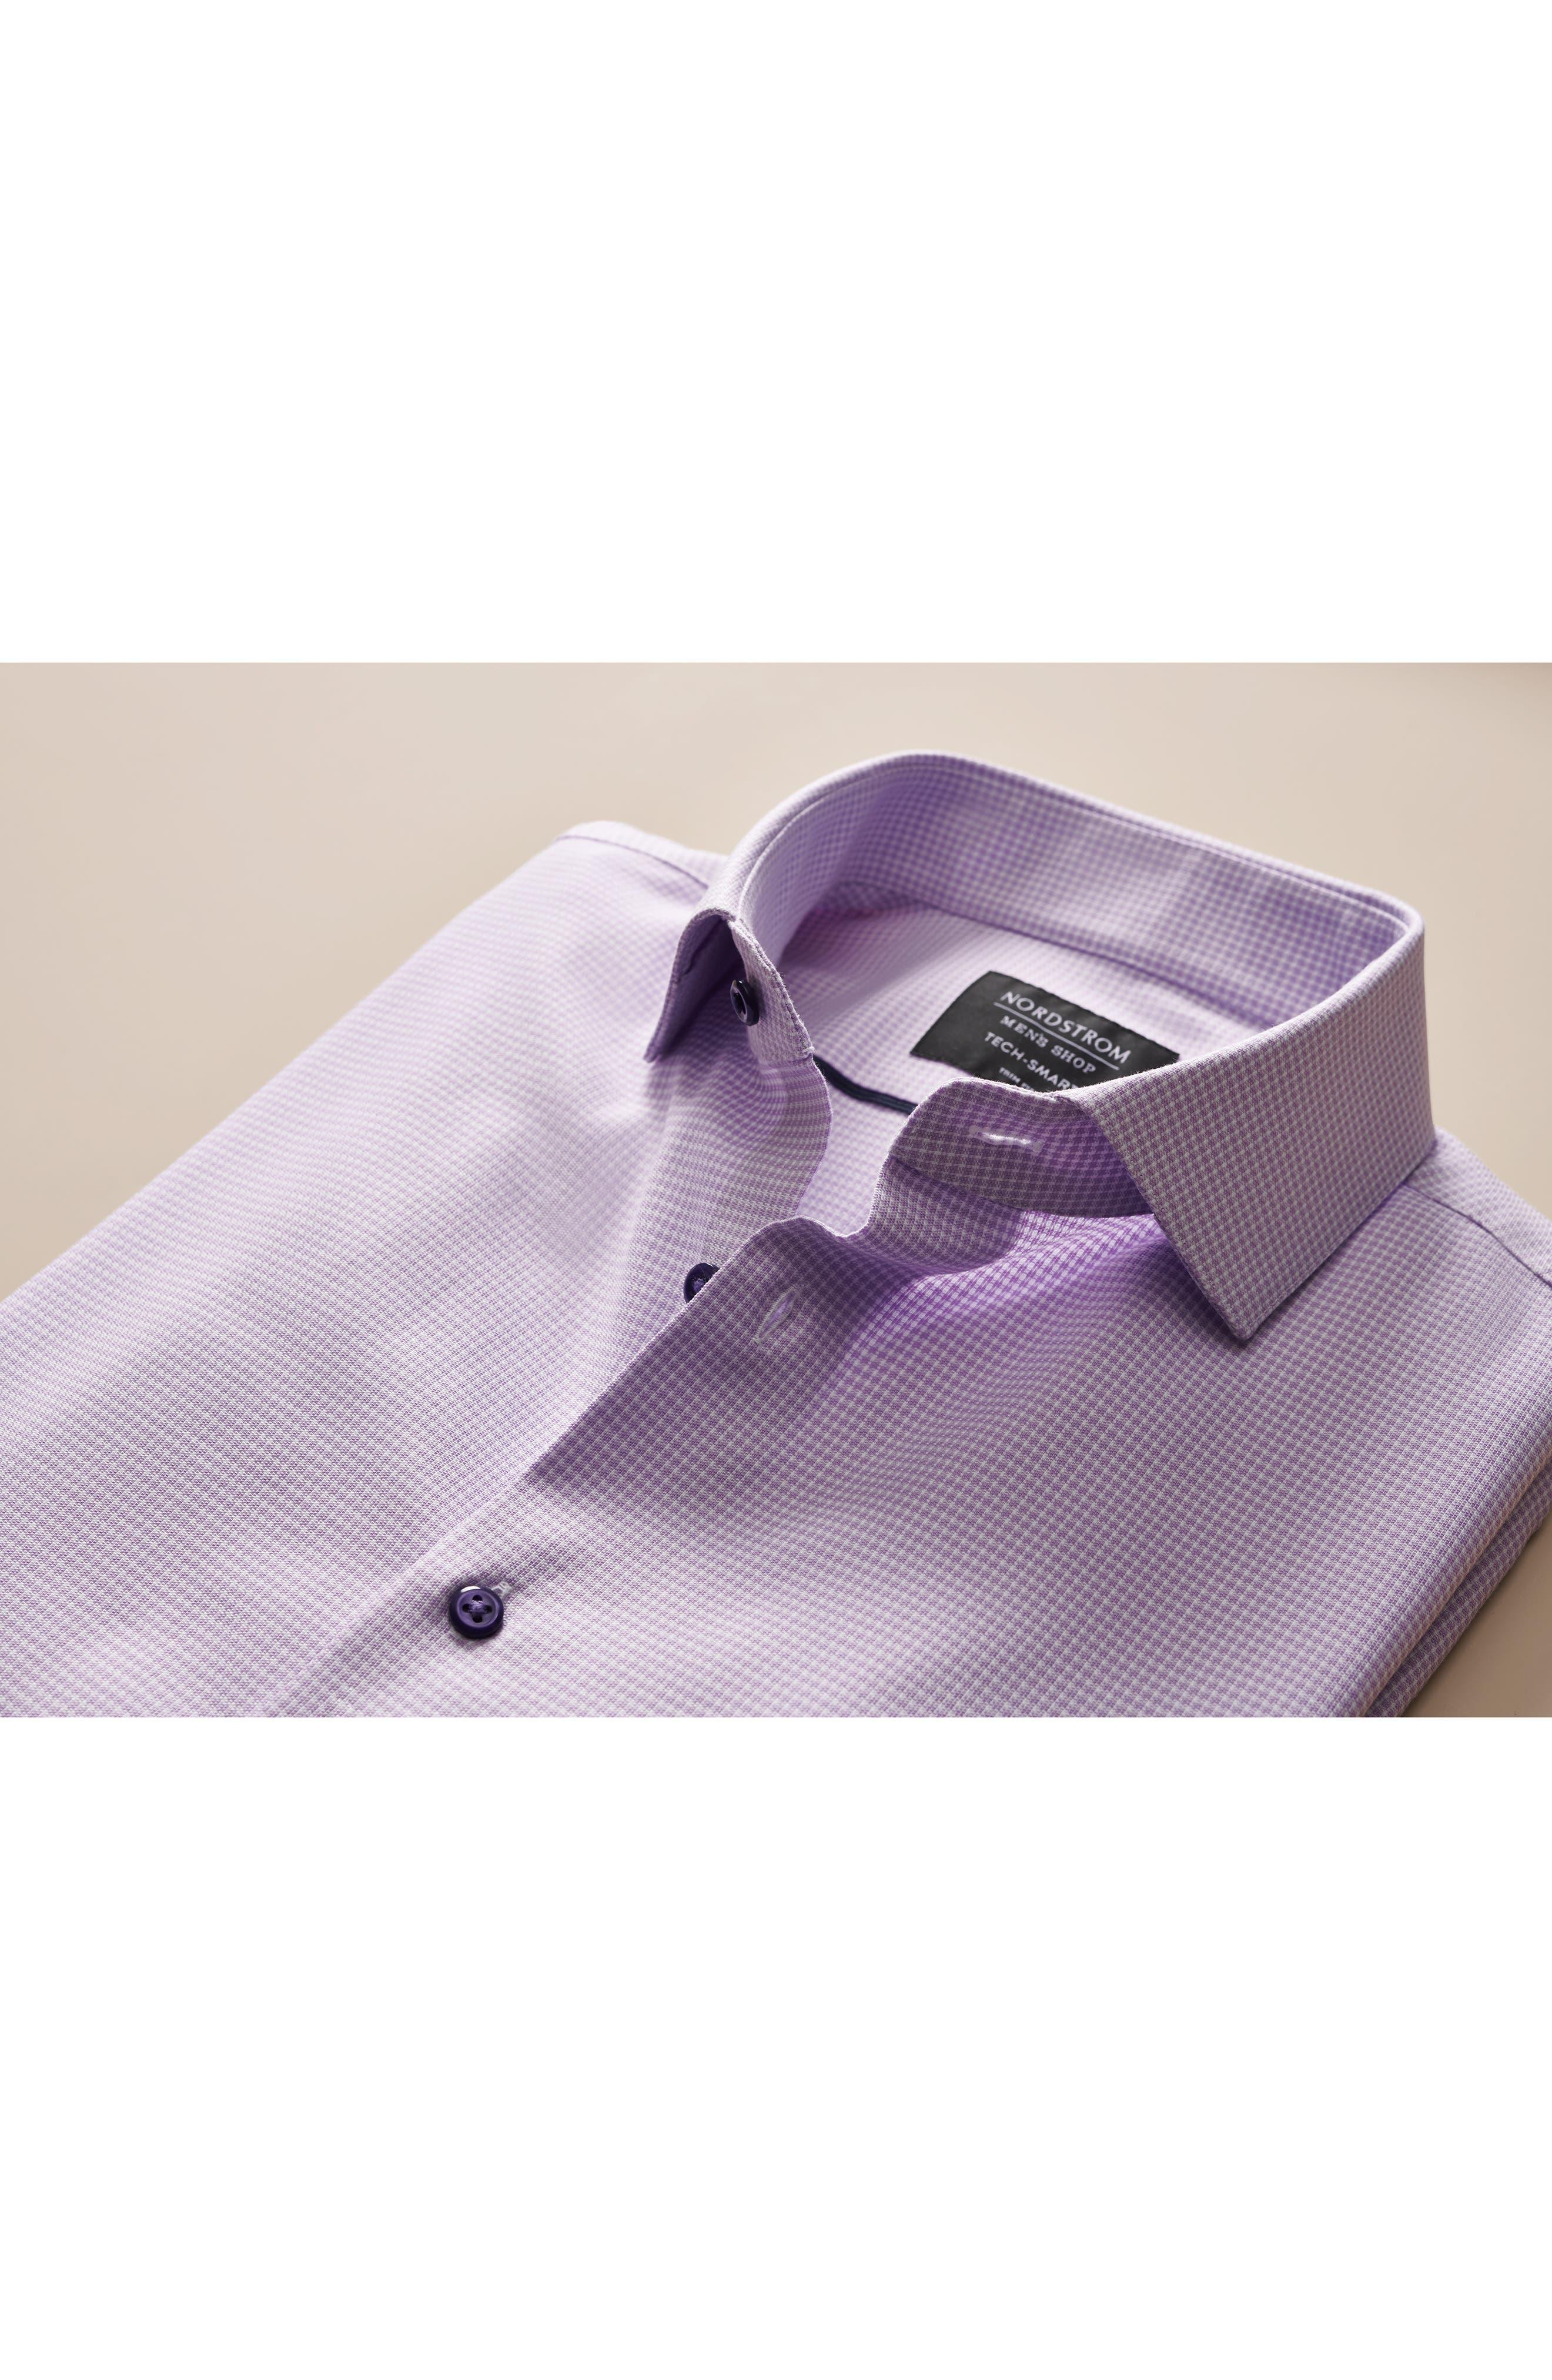 Tech-Smart Trim Fit Stretch Texture Dress Shirt,                             Alternate thumbnail 12, color,                             WHITE